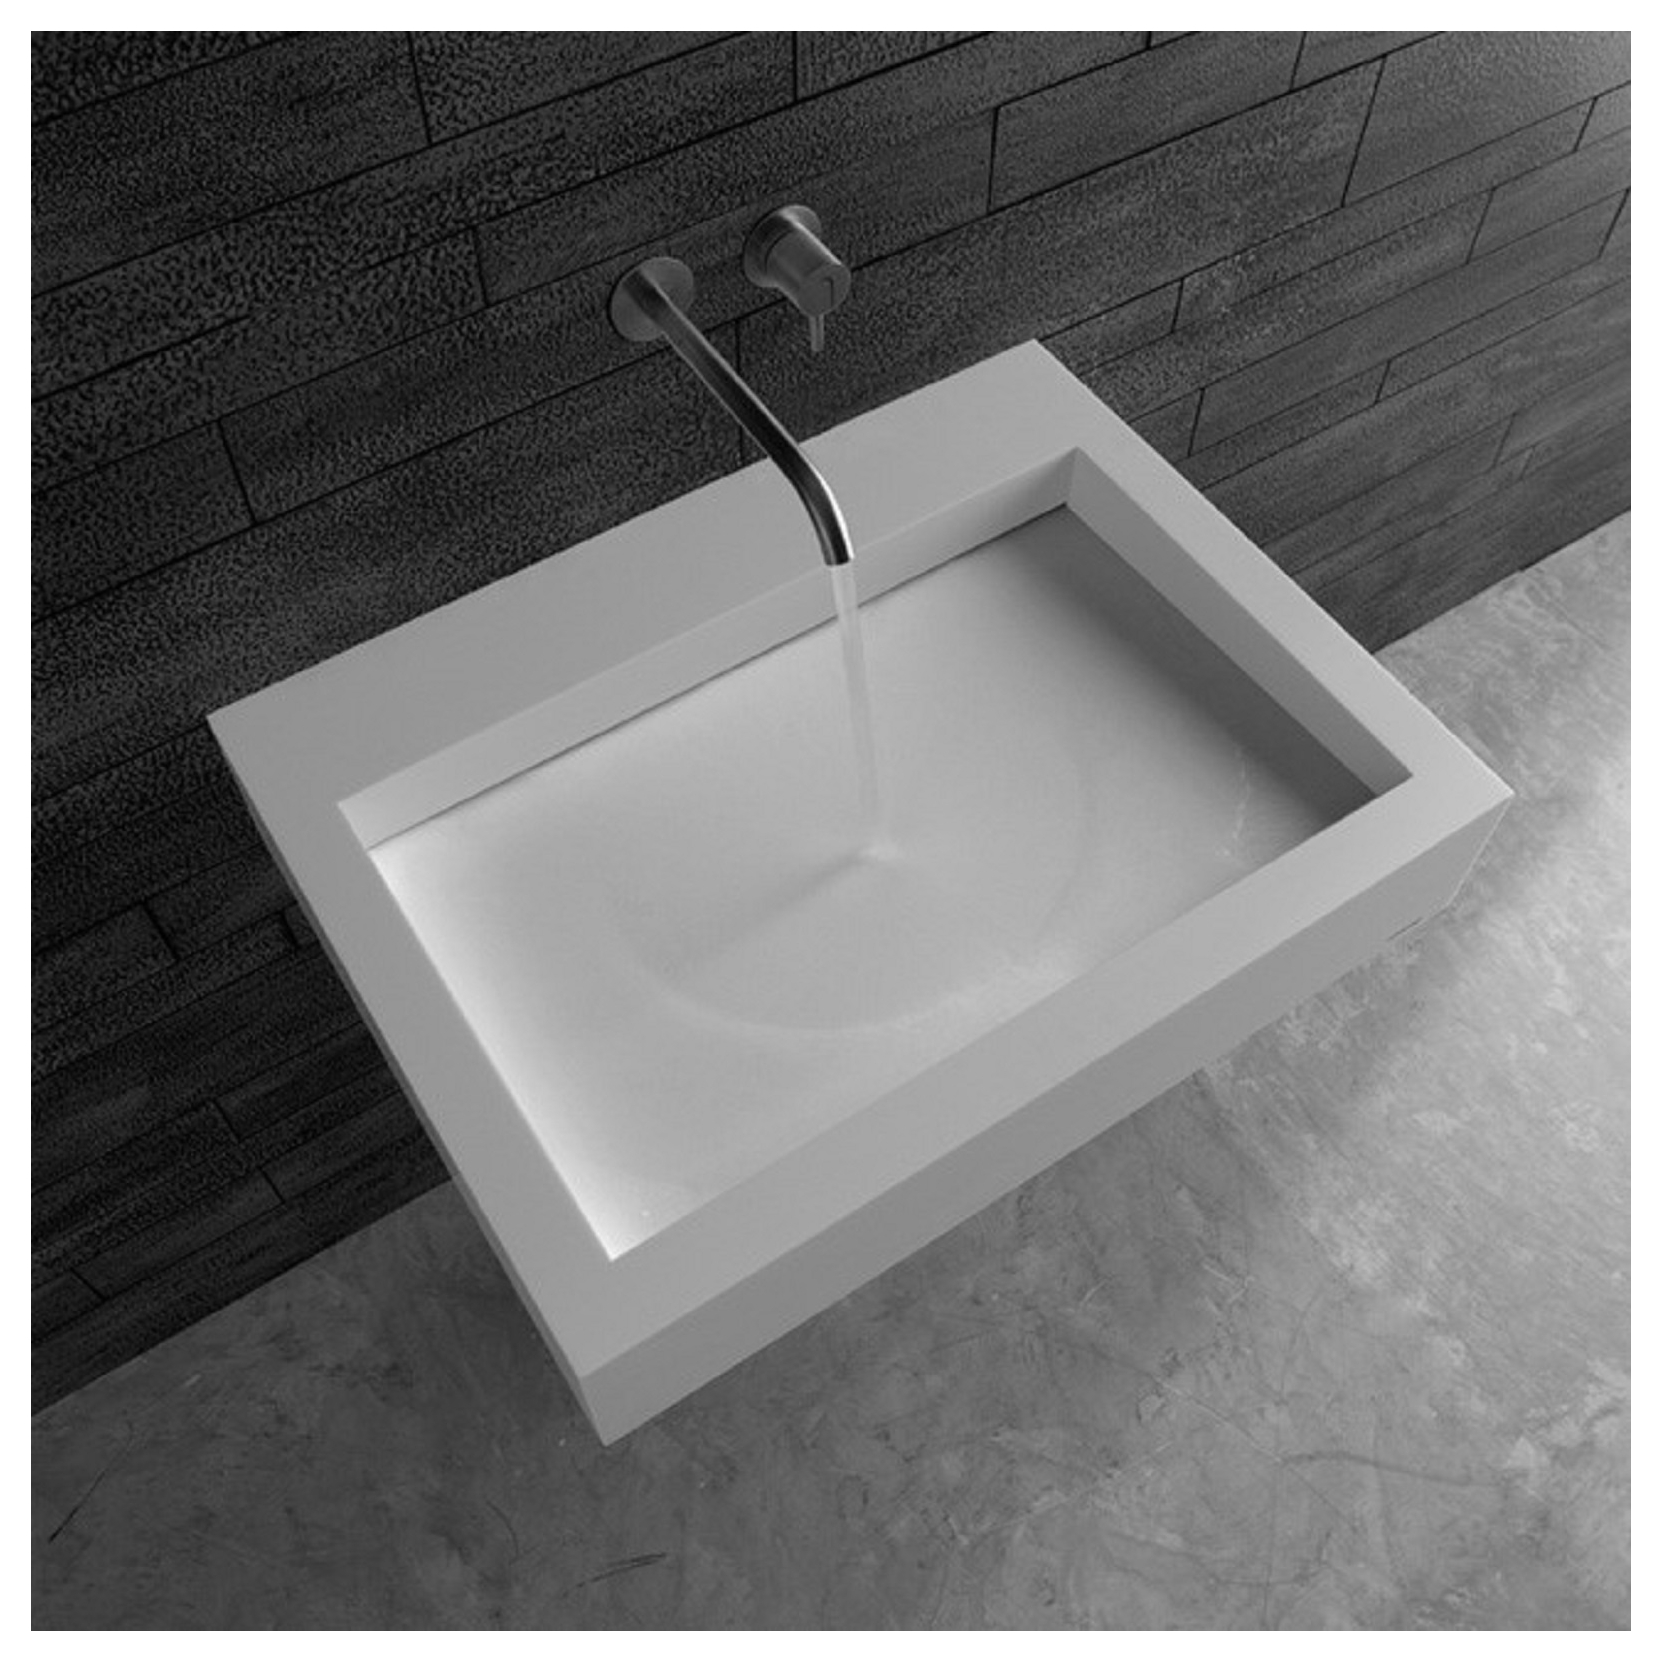 antonio lupi slot corian washbasin